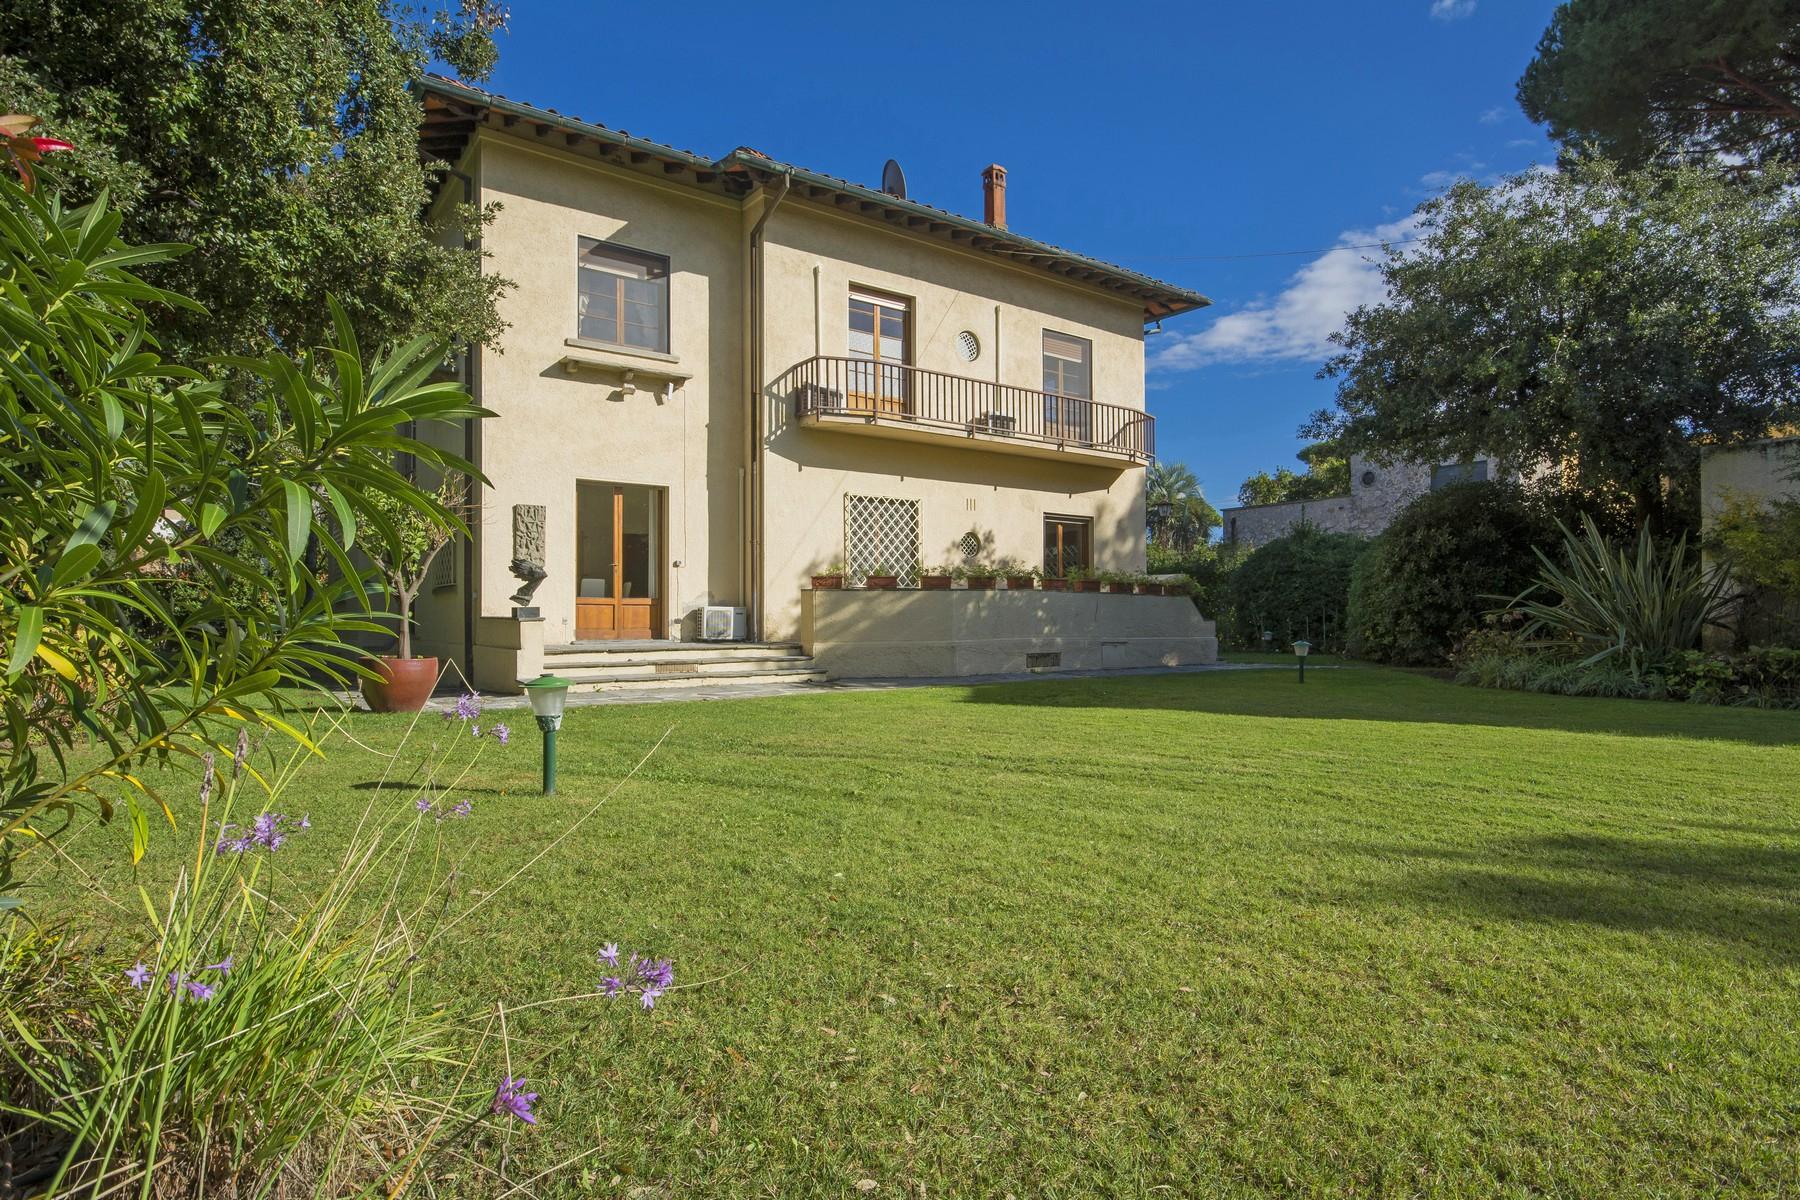 Villa in Vendita a Forte Dei Marmi via venti settembre